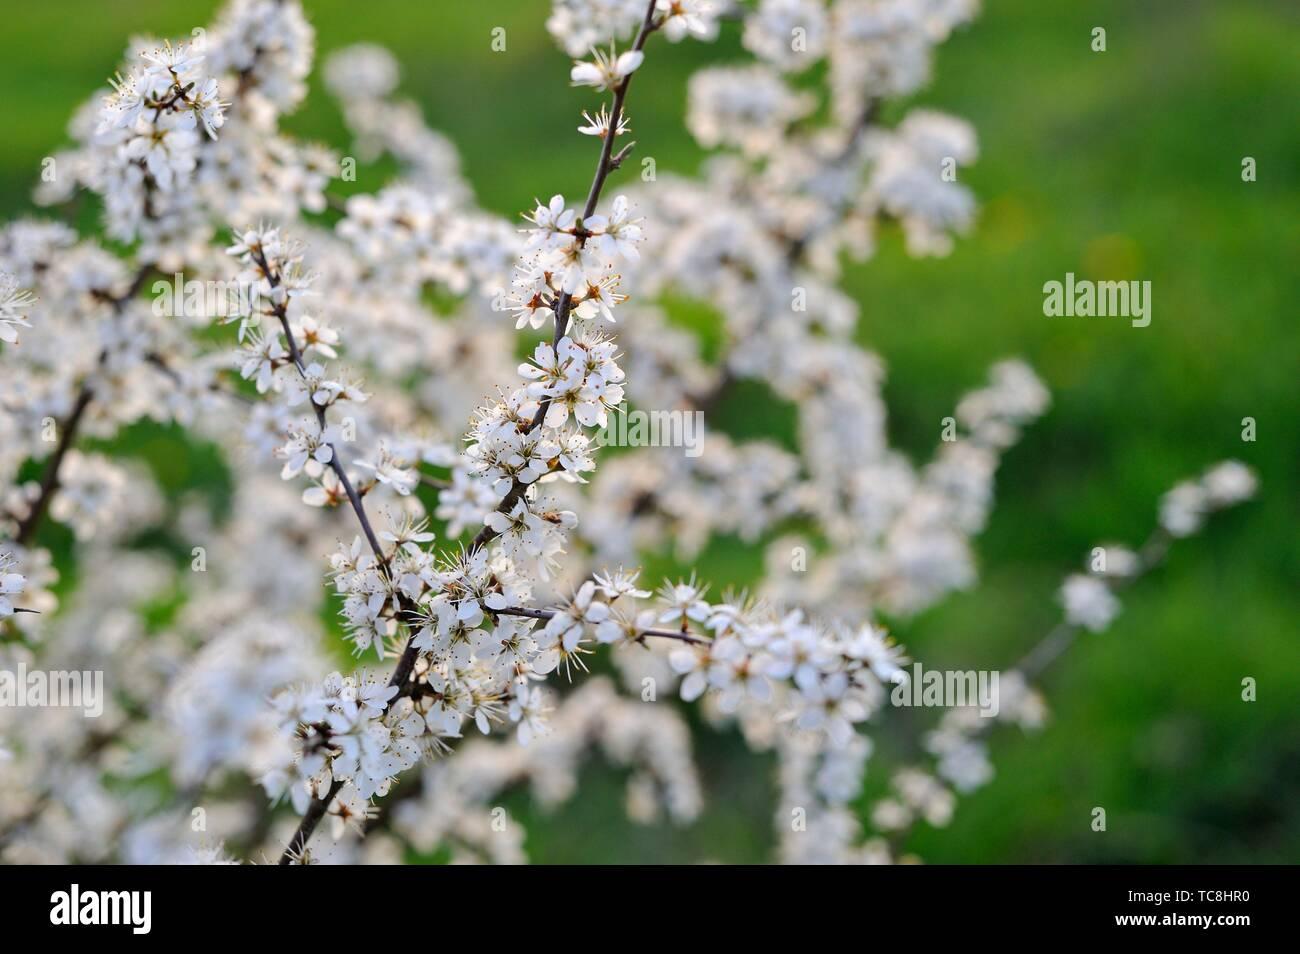 Blackthorn Strauch (Prunus spinosa), Eure-et-Loir Abteilung, Center-Val de Loire Region, Frankreich und Europa. Stockfoto